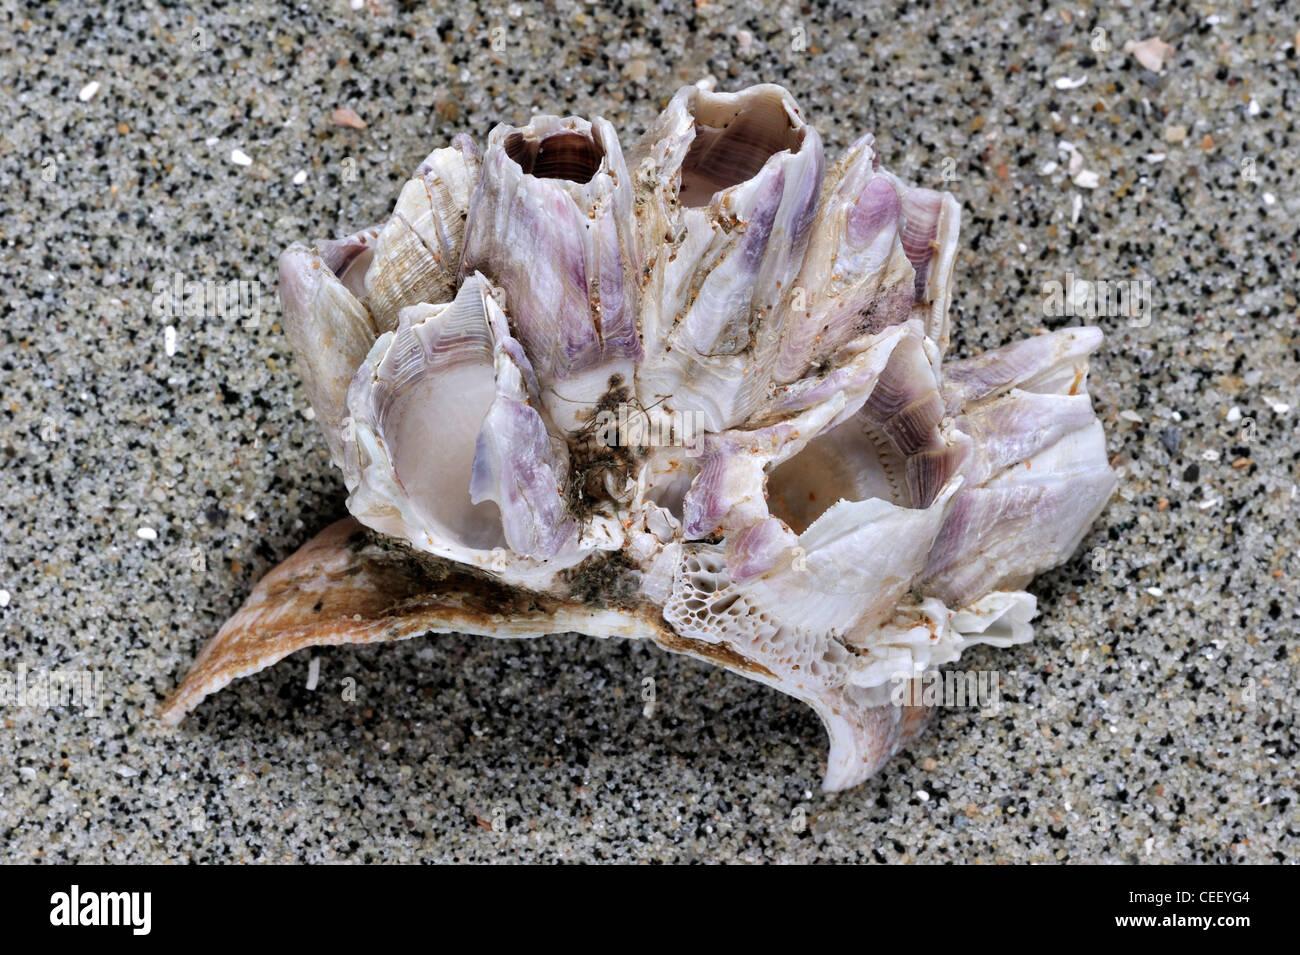 Zapatilla limpet americana (Crepidula fornicata) shell beach con Acorn percebes (Megabalanus tintinnabulum) que crecen en él Foto de stock